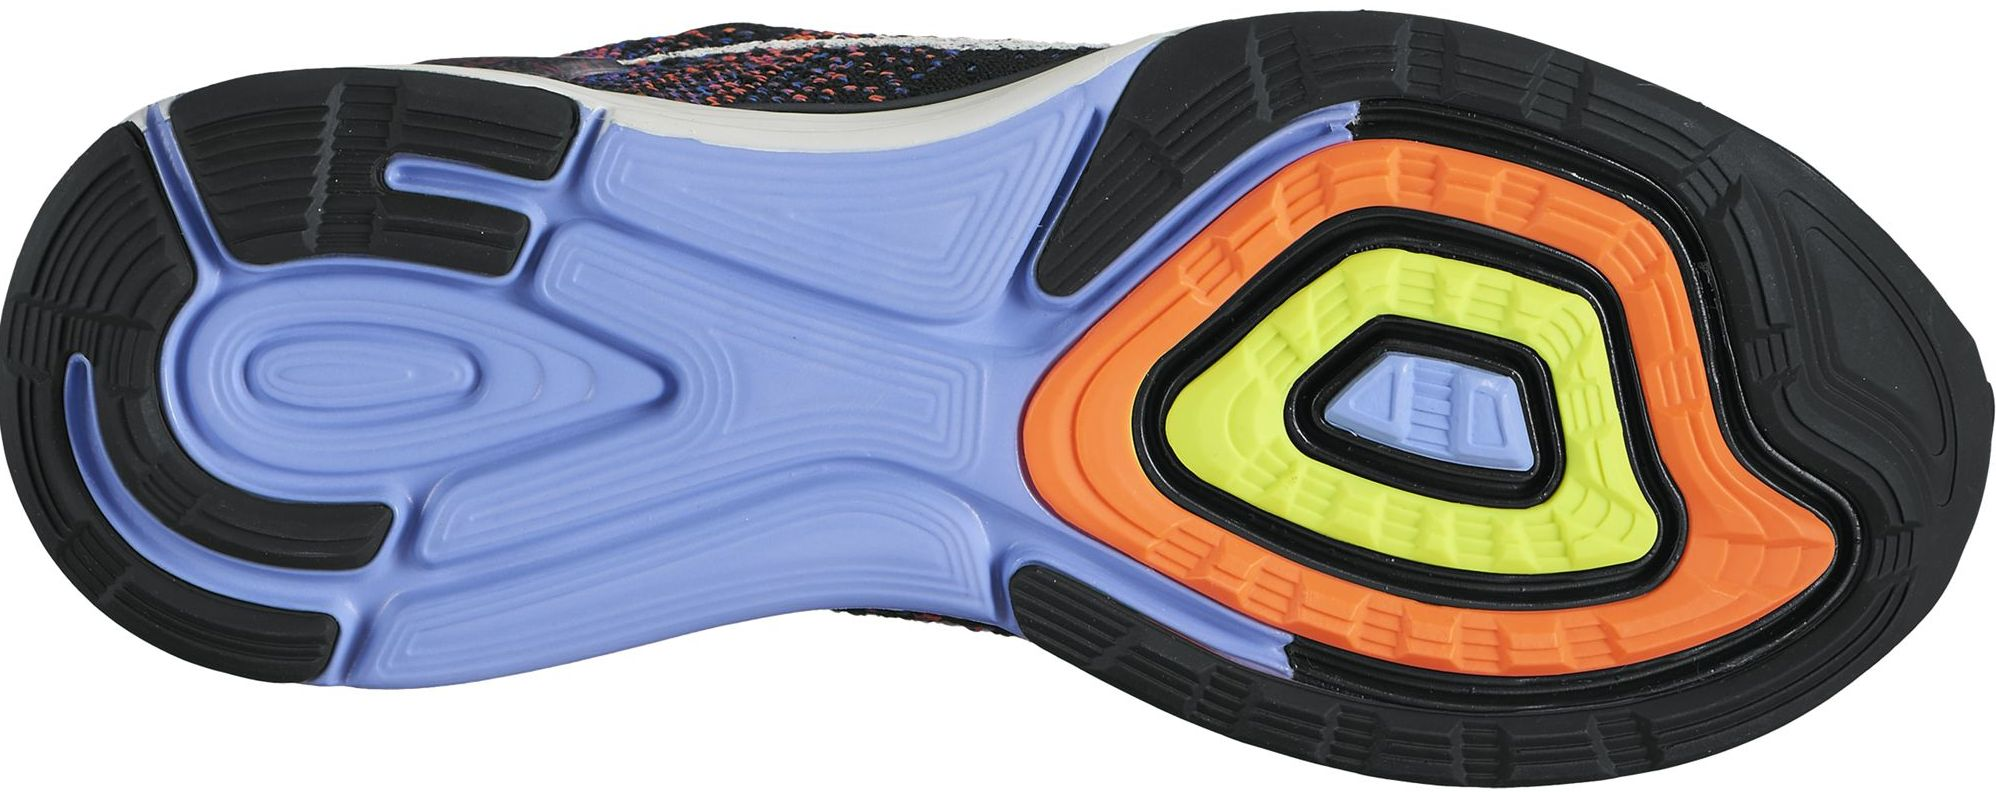 d83545462 Nike LUNARGLIDE 7 W. Women s running shoes. Women s running shoes